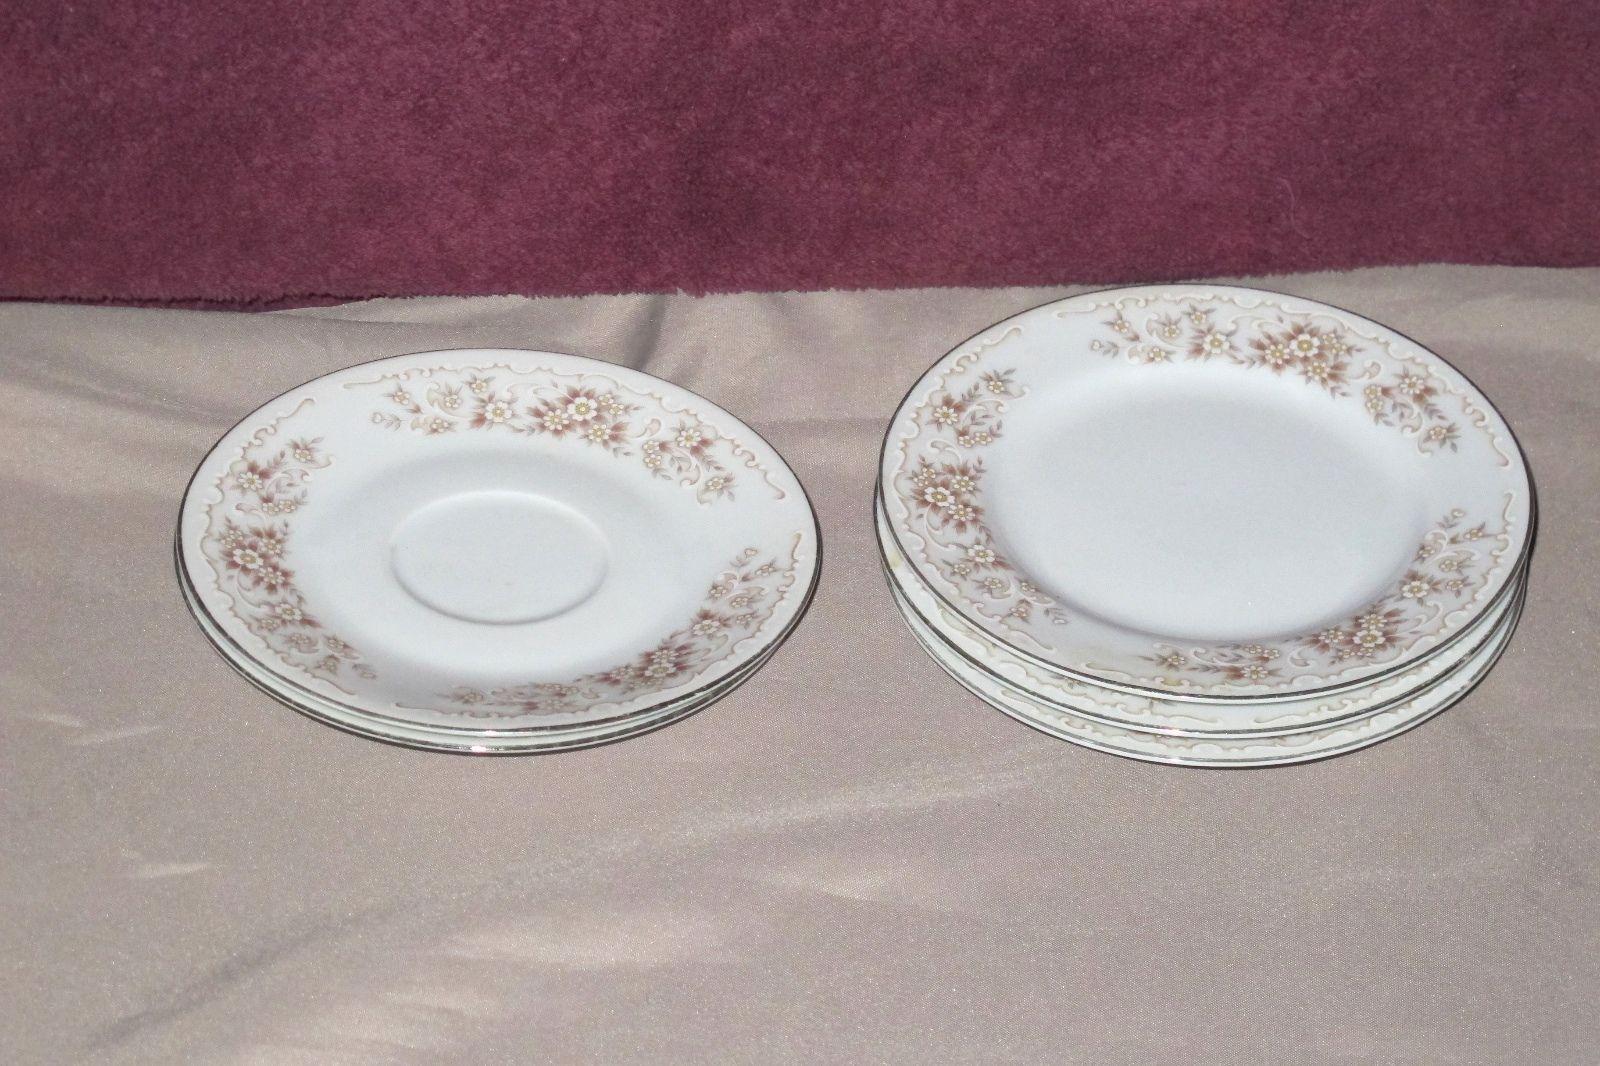 Vintage Elegance Fine China of Japan White Floral 2 Saucers 3 Dessert Plates Lot